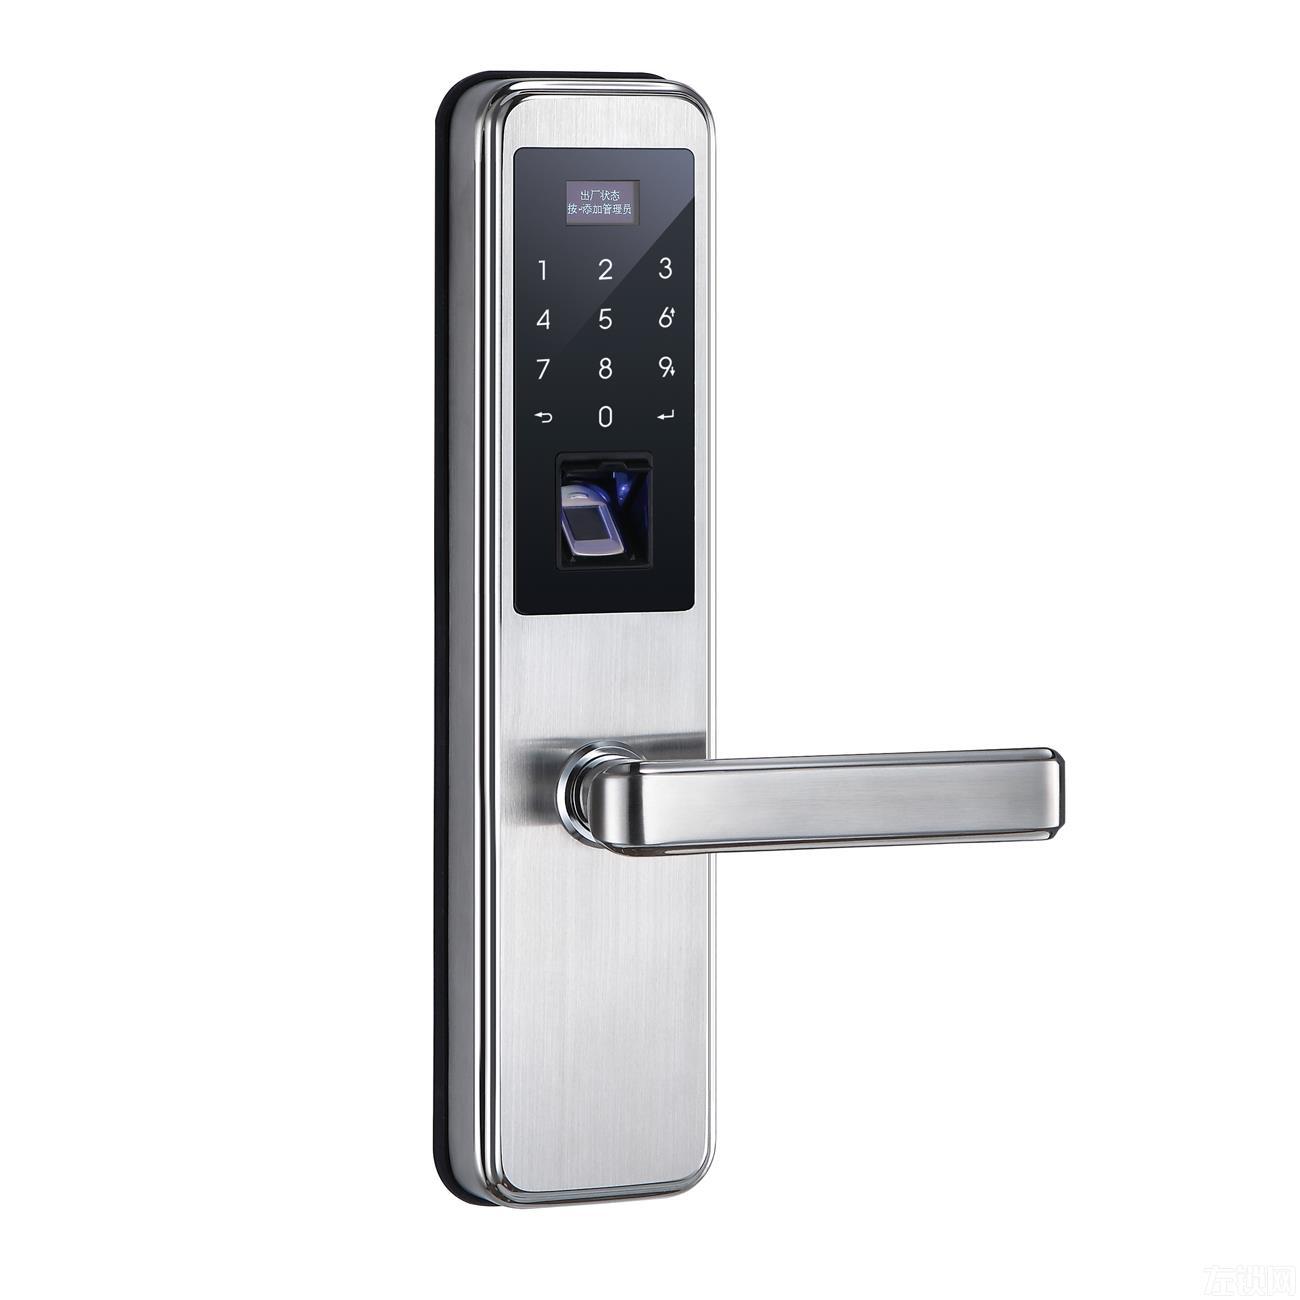 思歌451指纹密码锁 304不锈钢/防盗防火锁体A451-BB/RG/SN